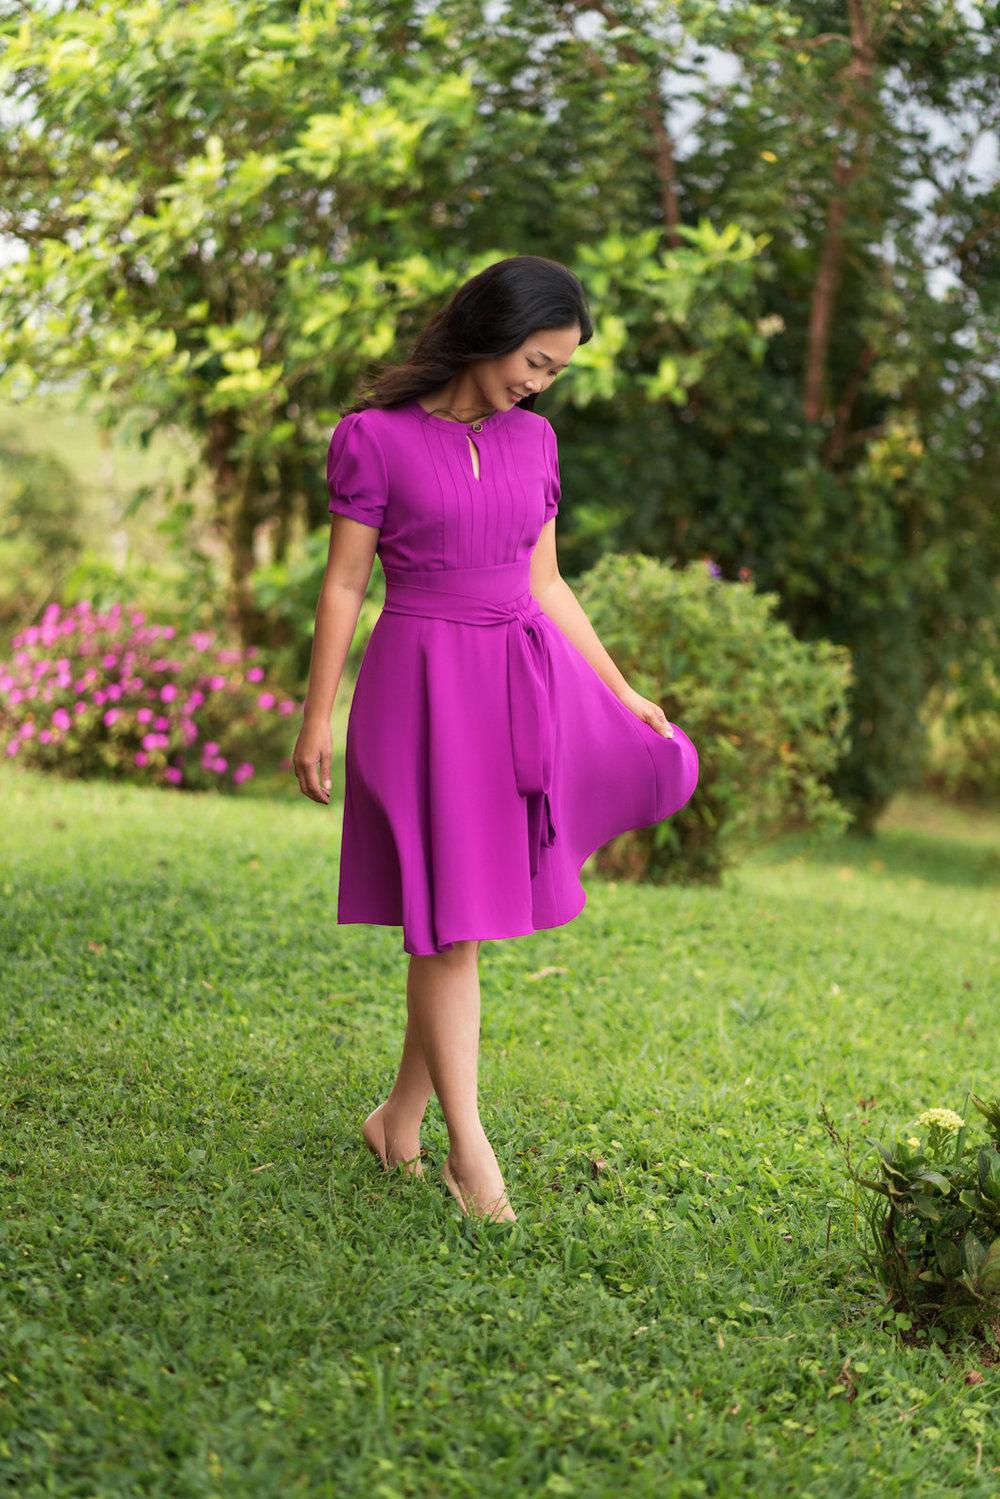 Giverny Dress Itch to Stitch